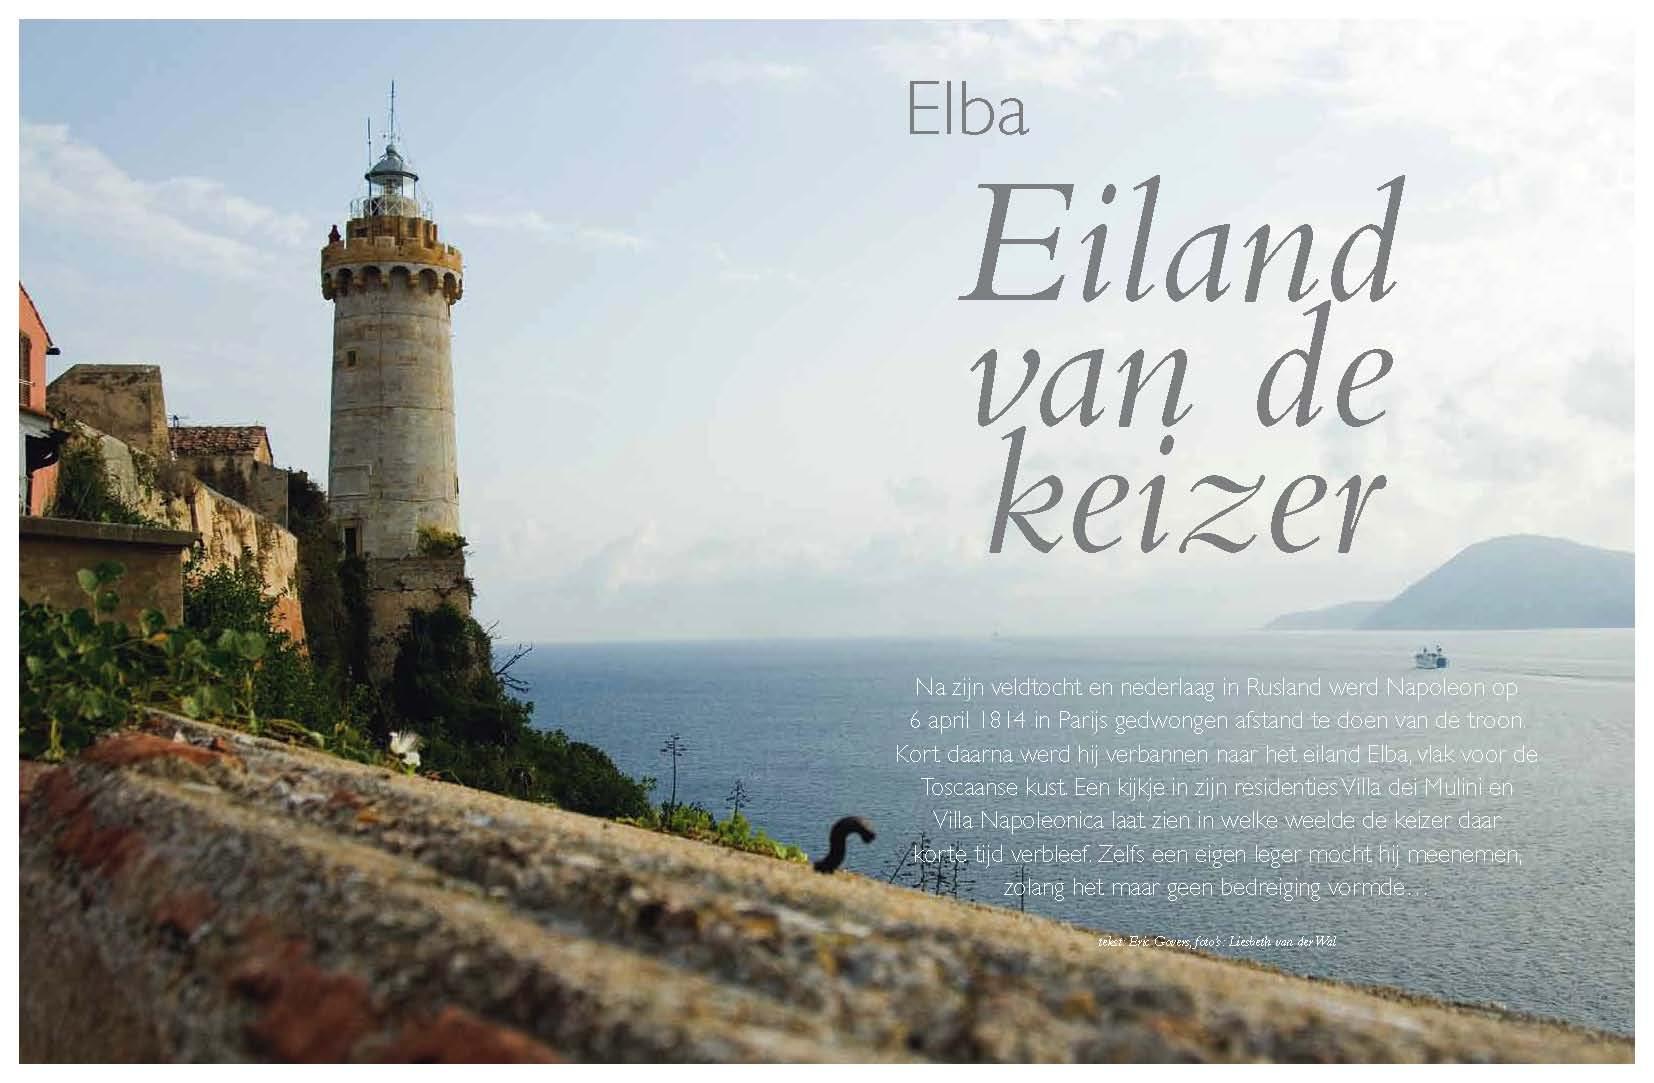 Elba, Eiland van de Keizer